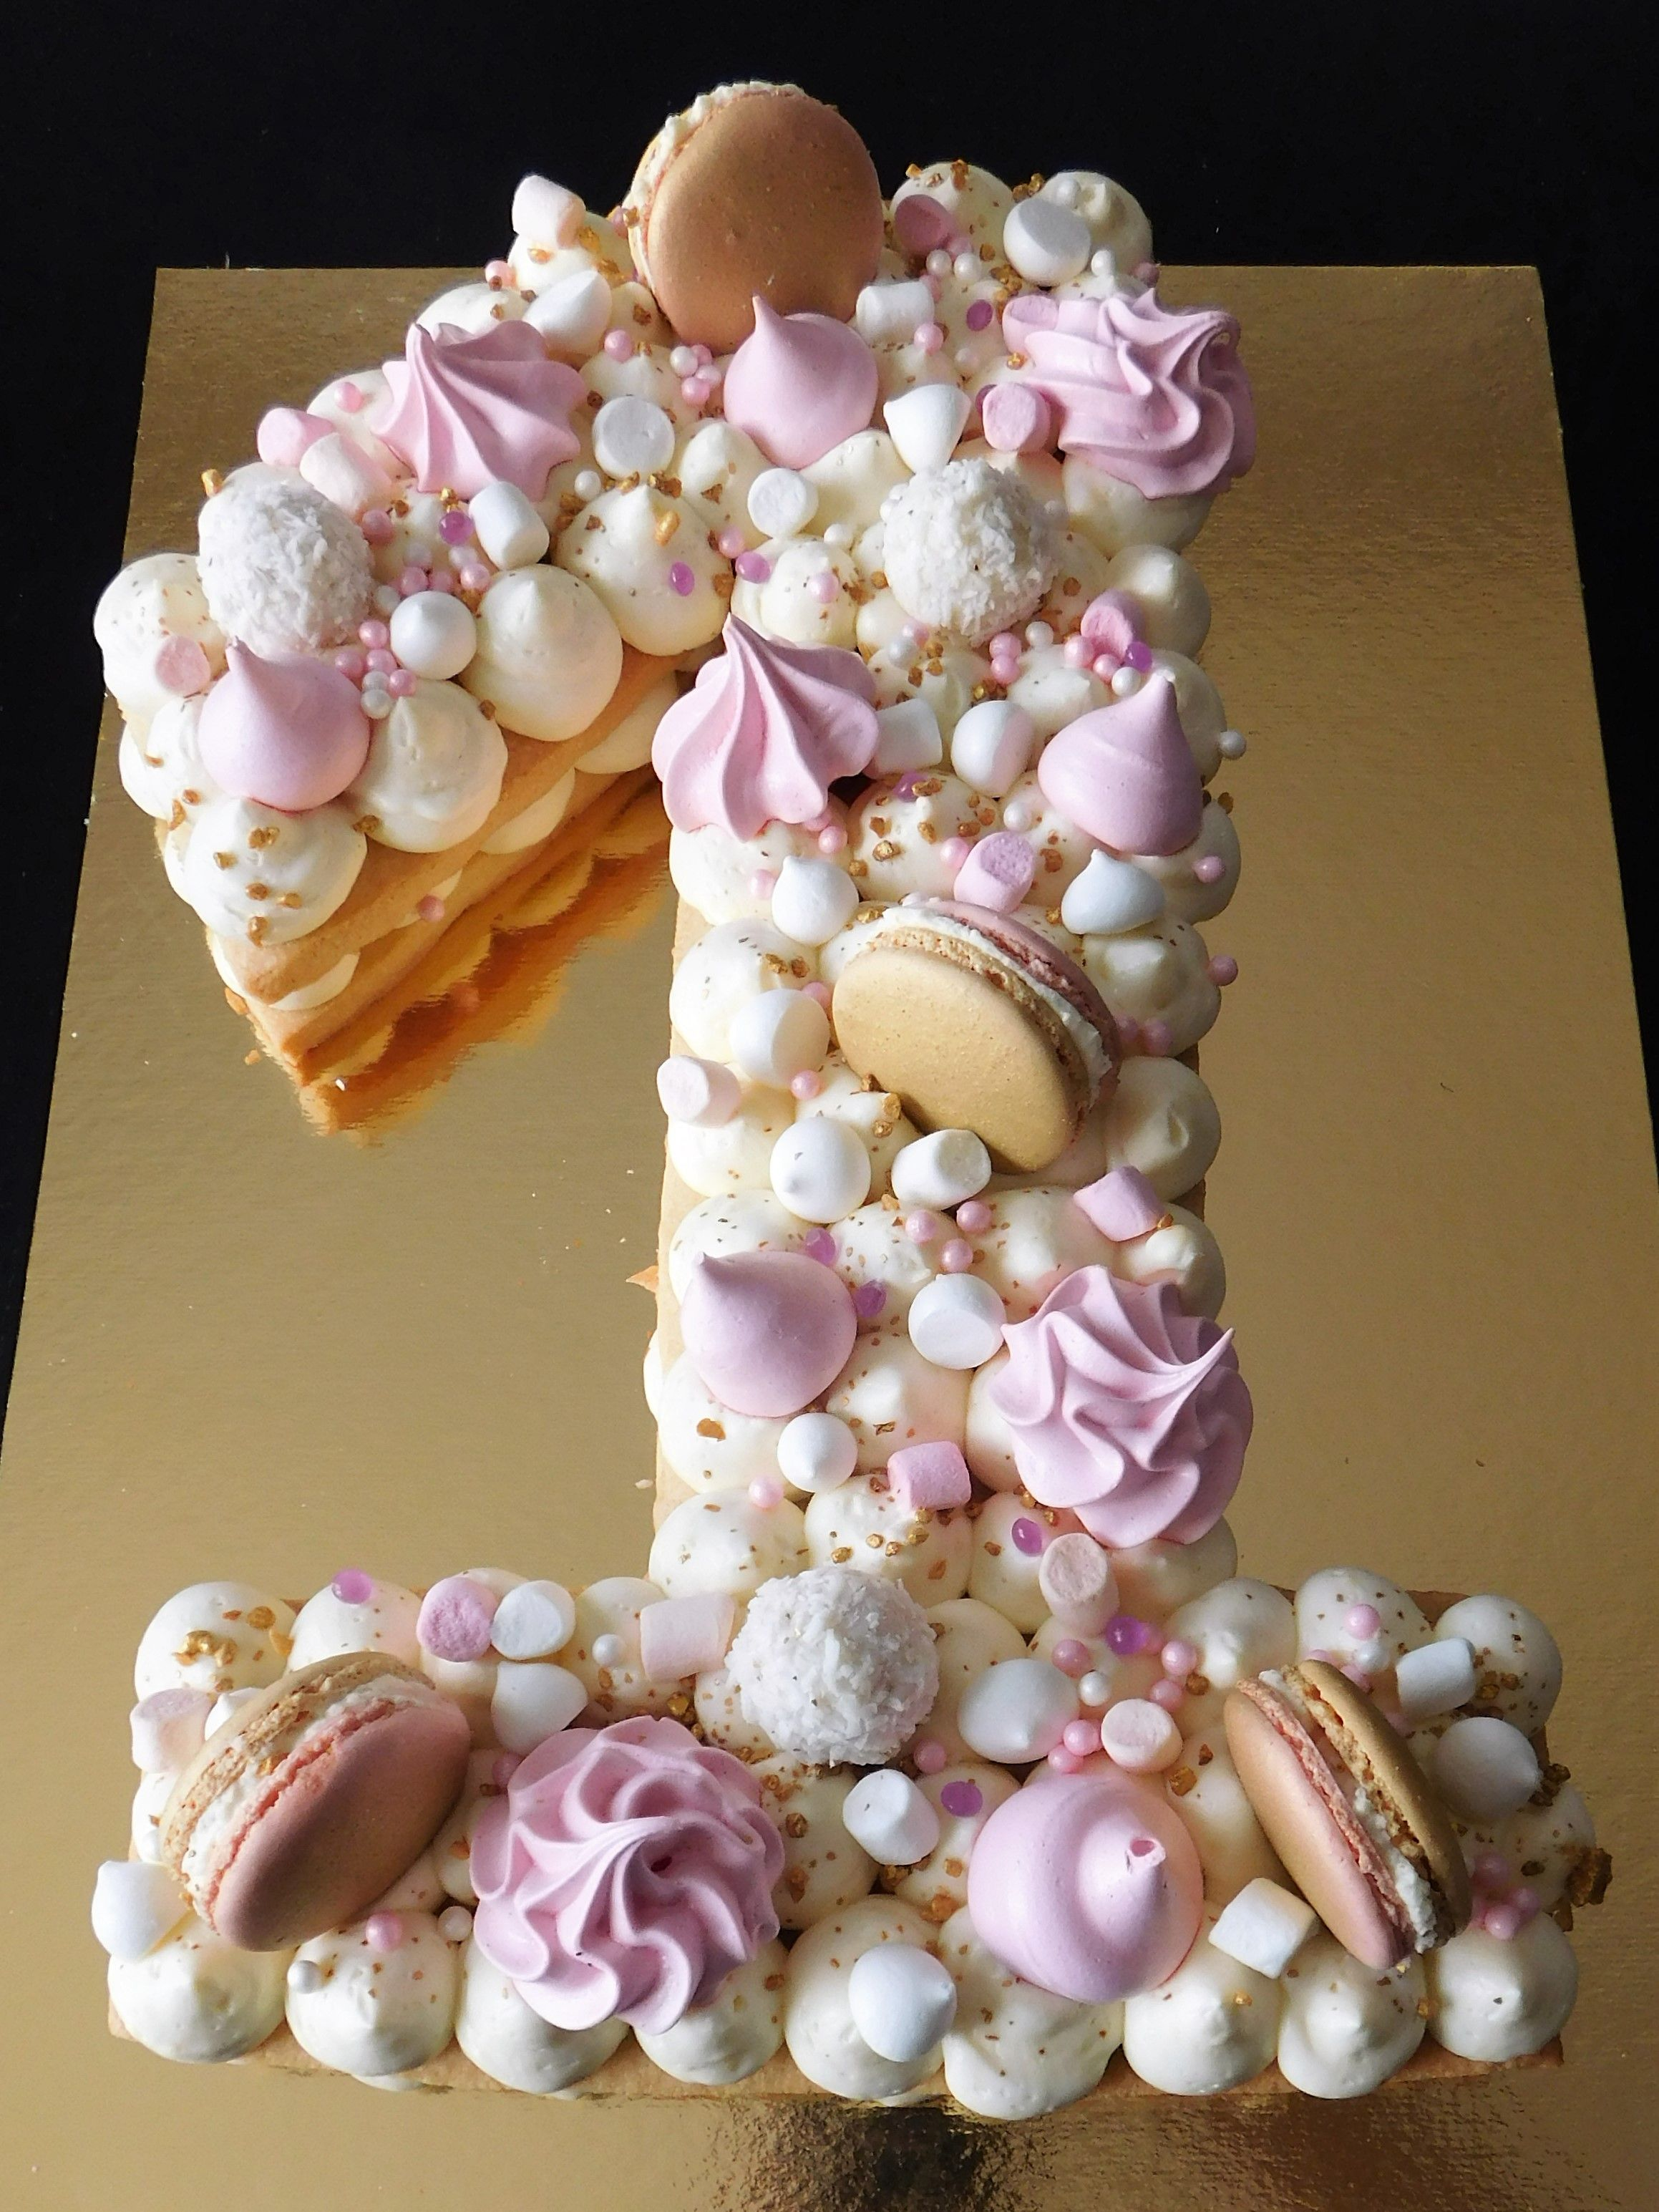 Little Princess Number Cake Gateaux Aux Numeros Faire Un Gateau D Anniversaire Recette Gateau Anniversaire